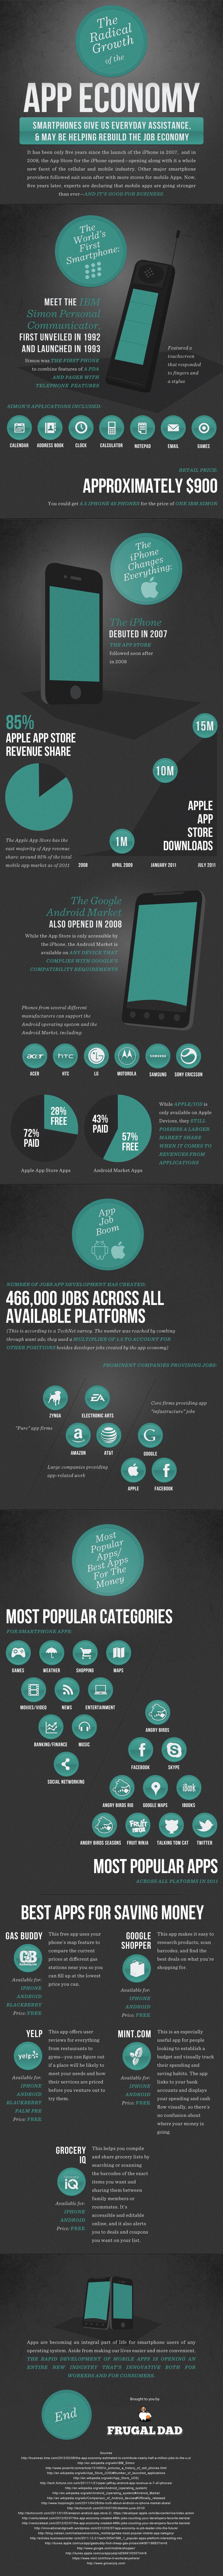 infografia_crecimiento_apps